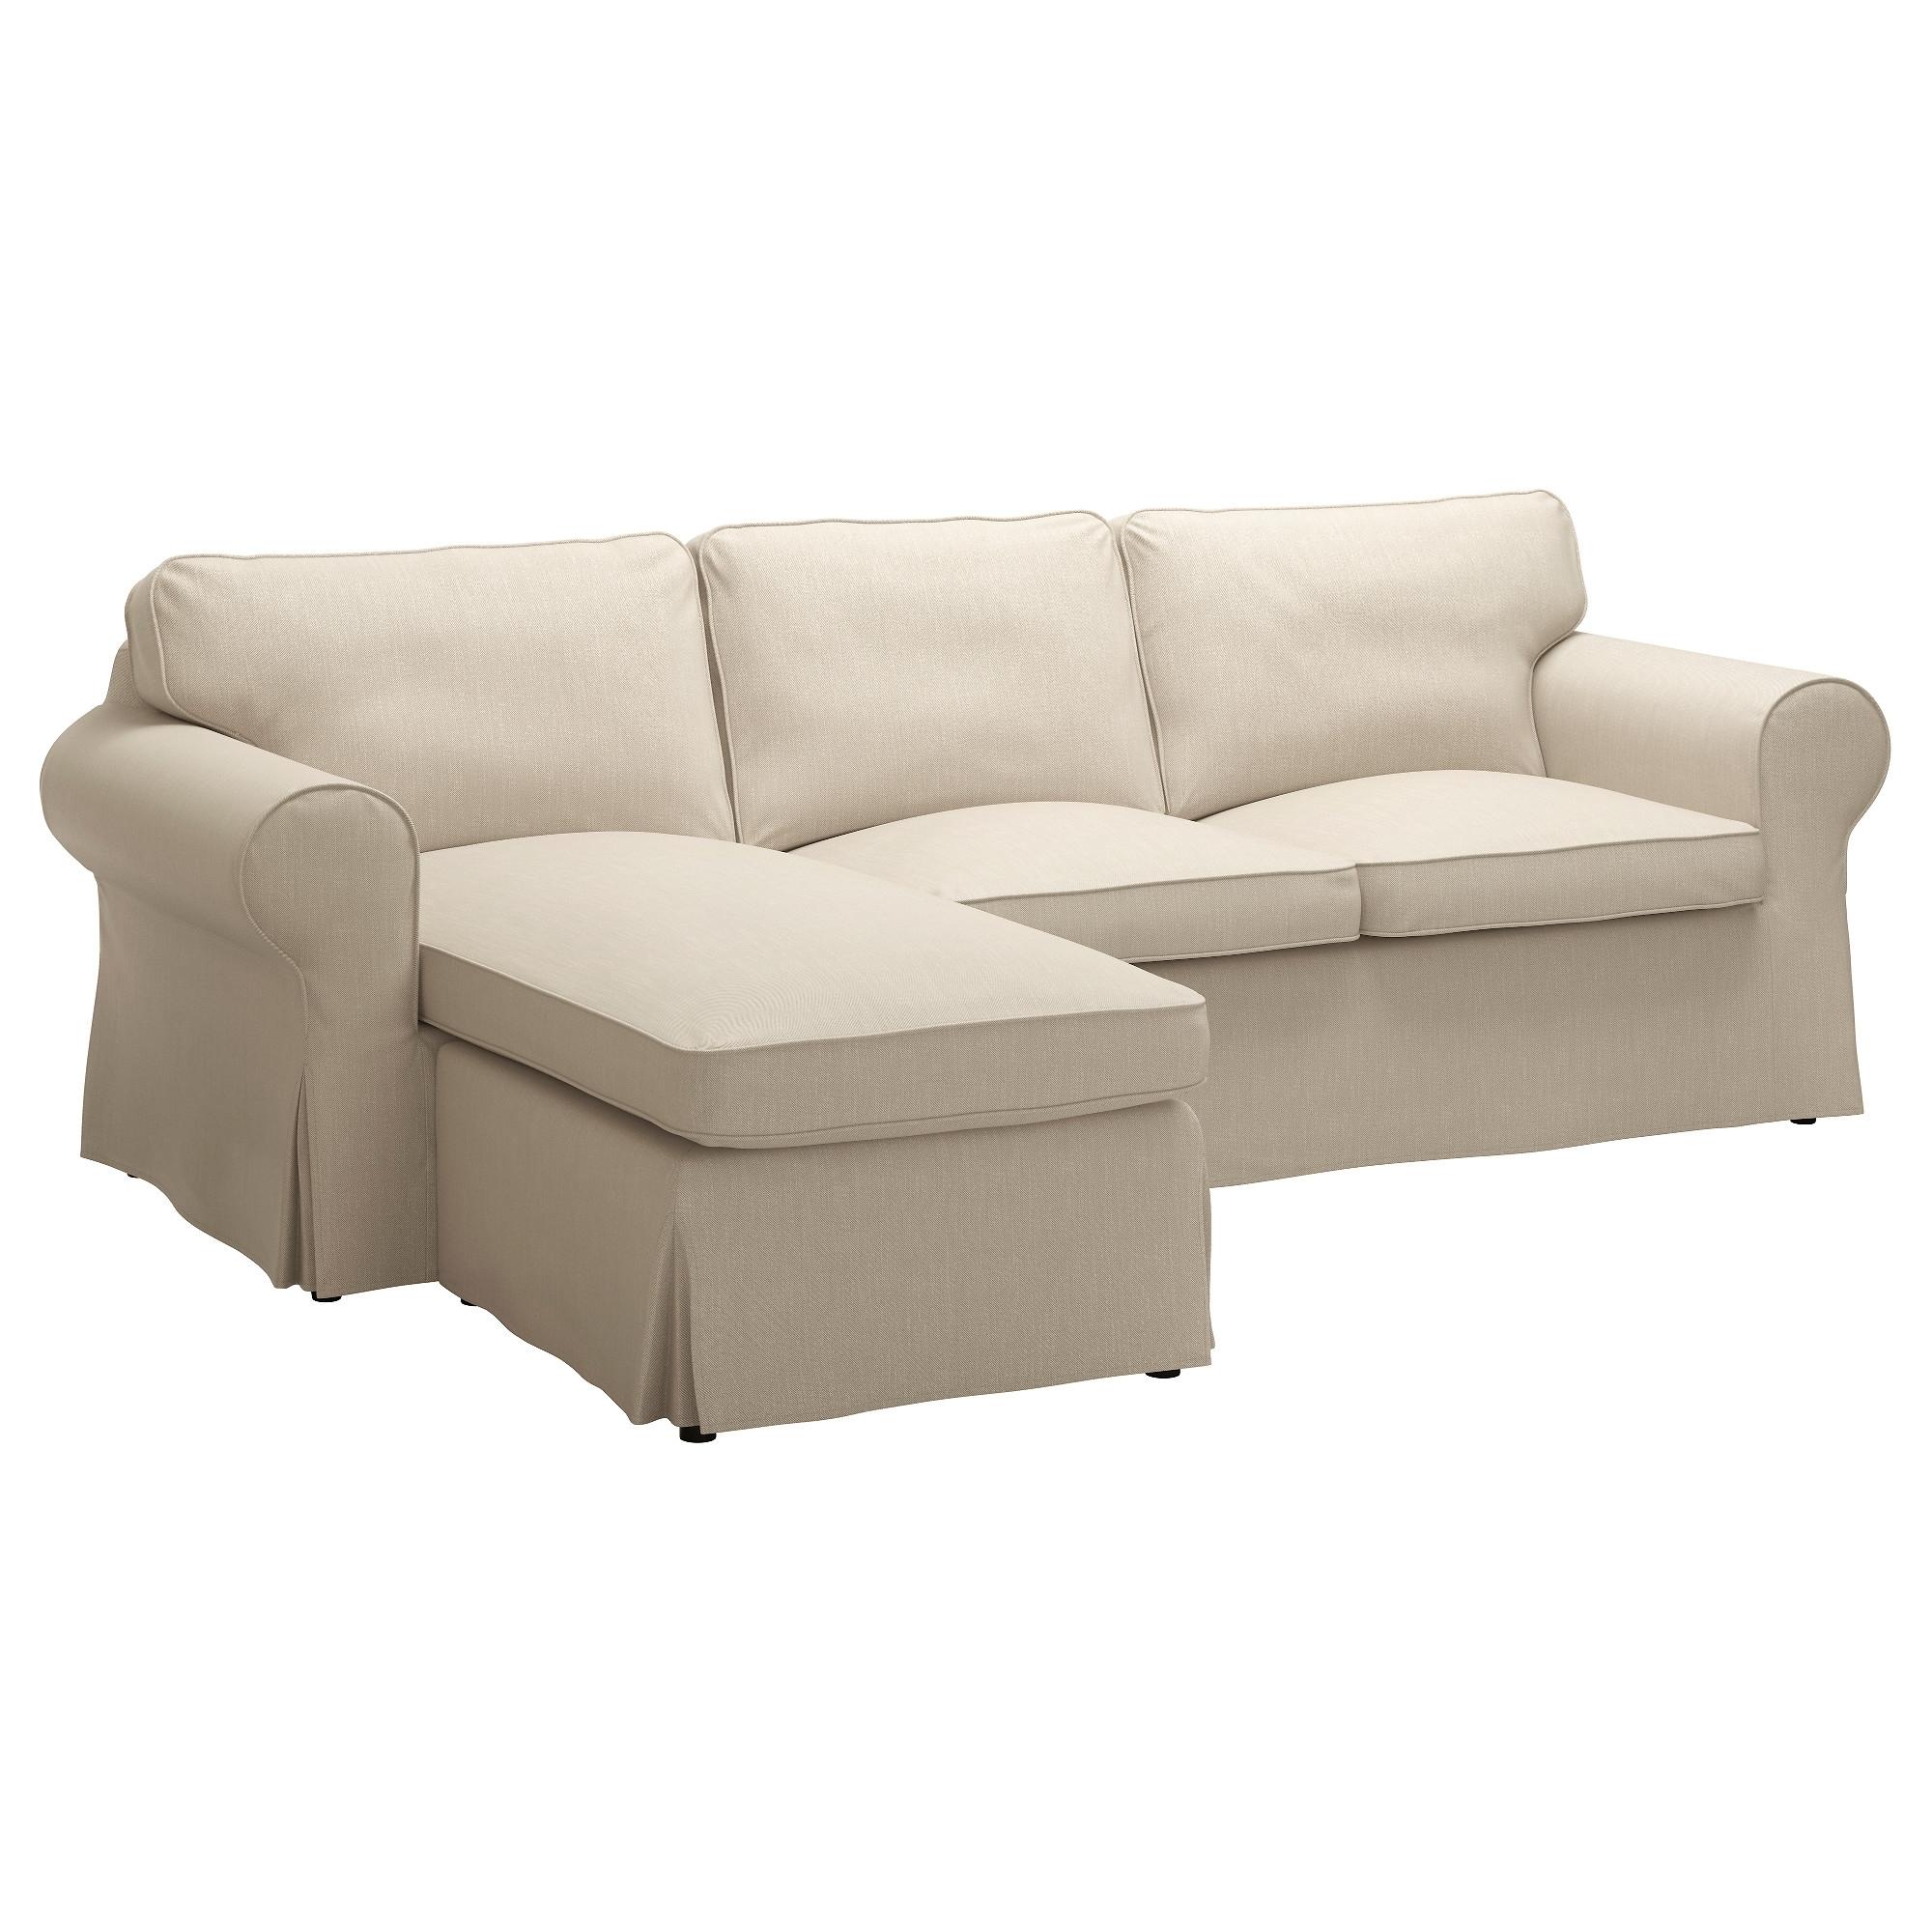 Ektorp Sofa – With Chaise/nordvalla Light Blue – Ikea Regarding Recent Chaise Sofas (View 6 of 15)